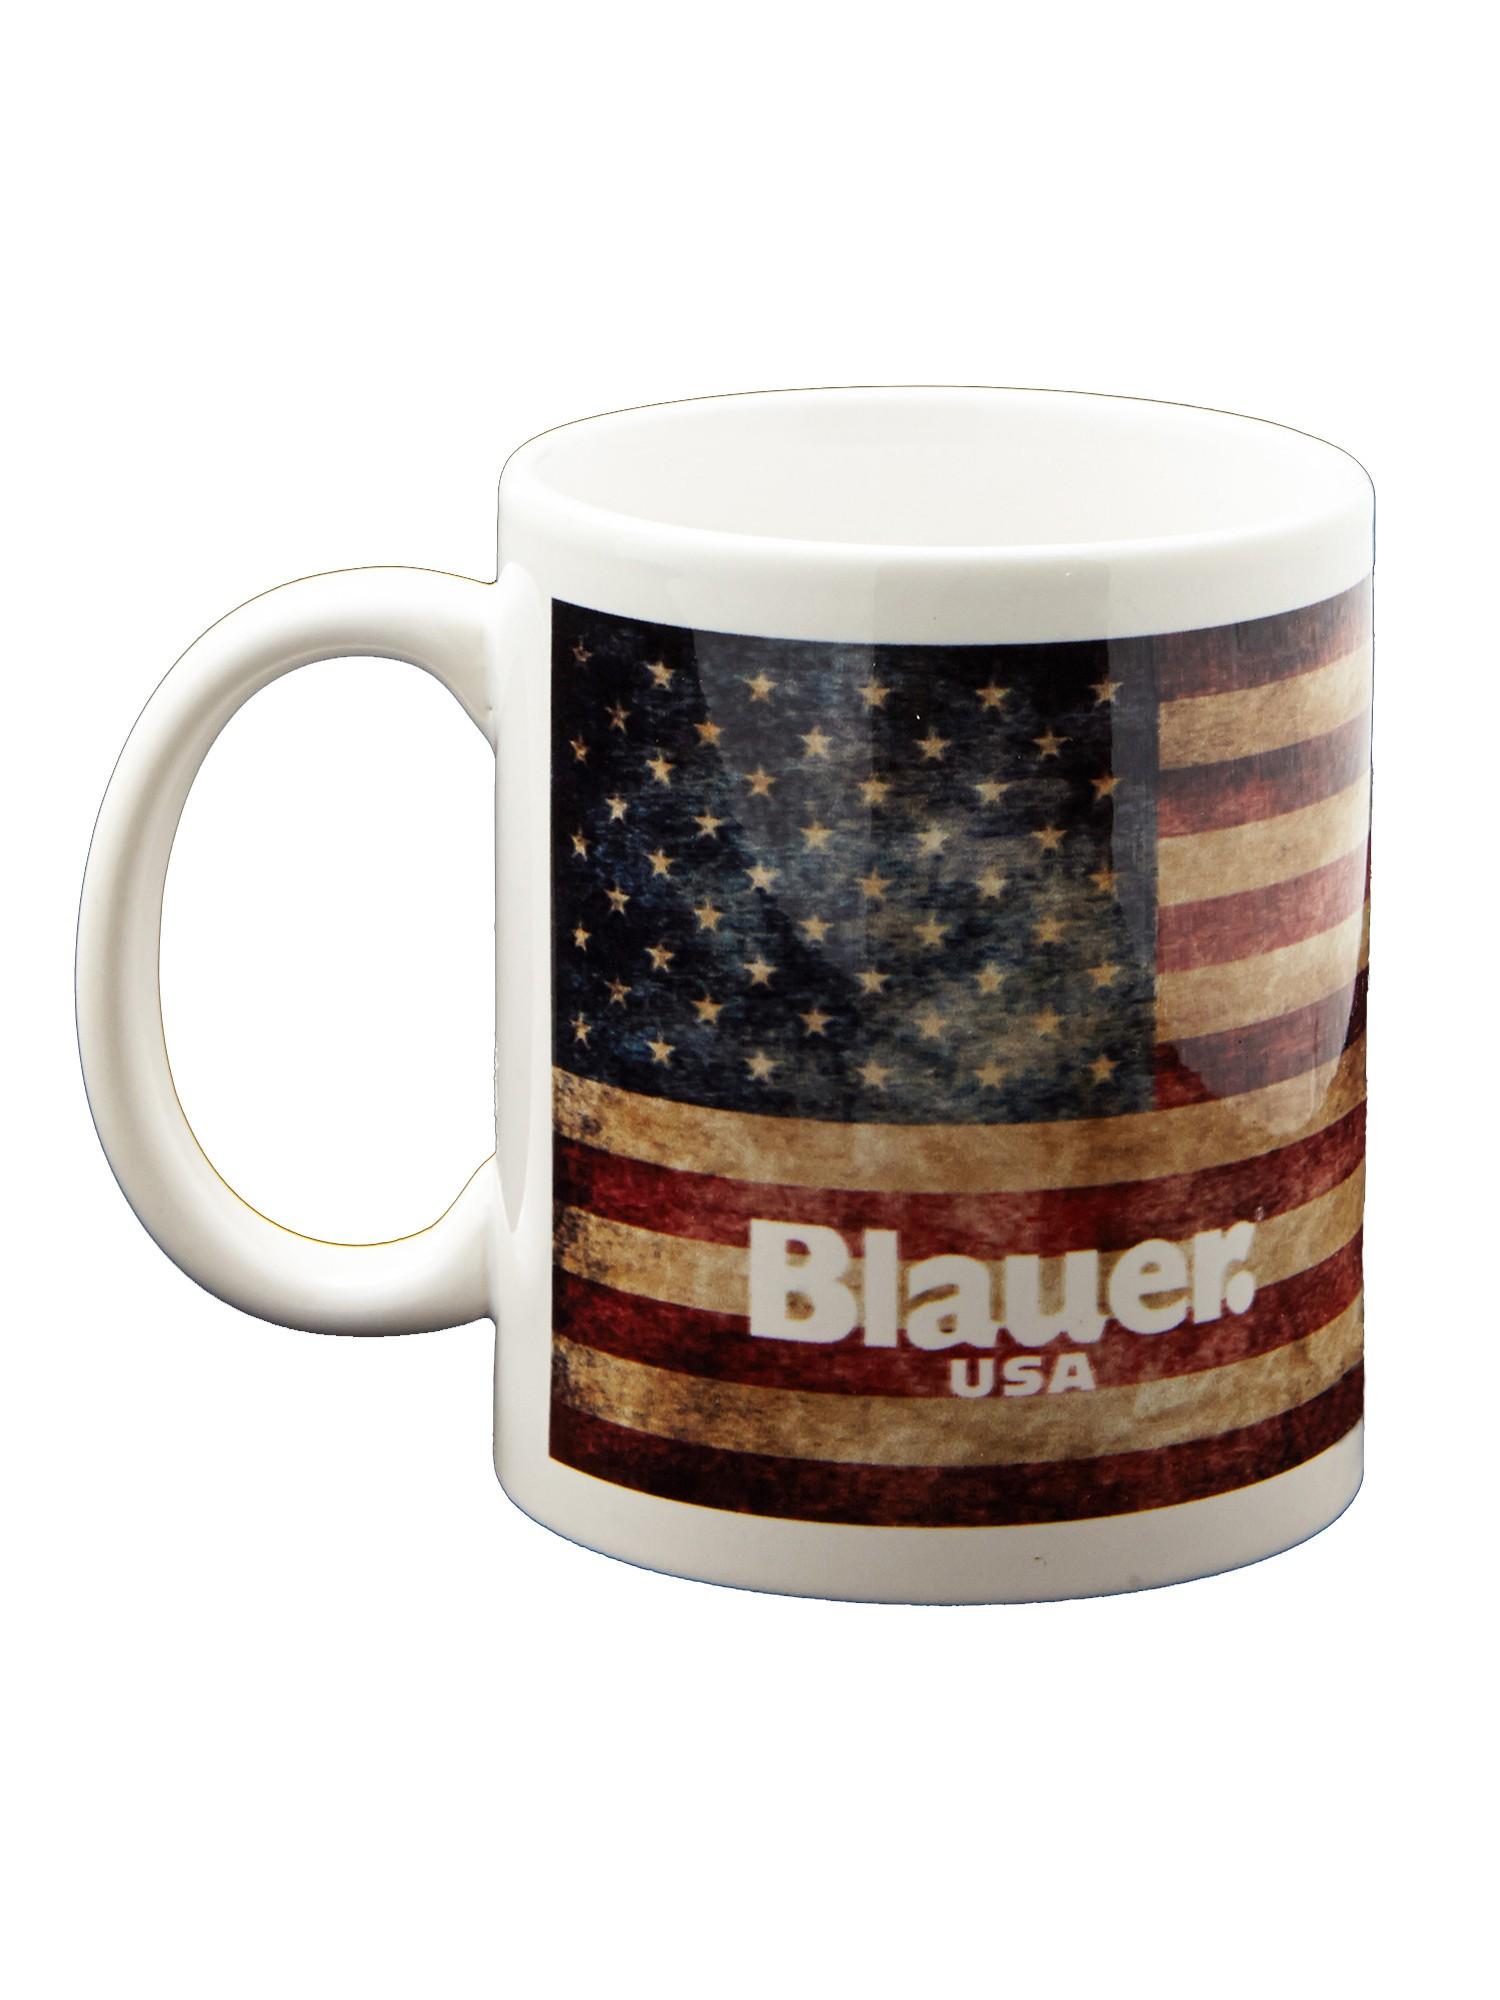 COFFE MUG BLAUER - Blauer